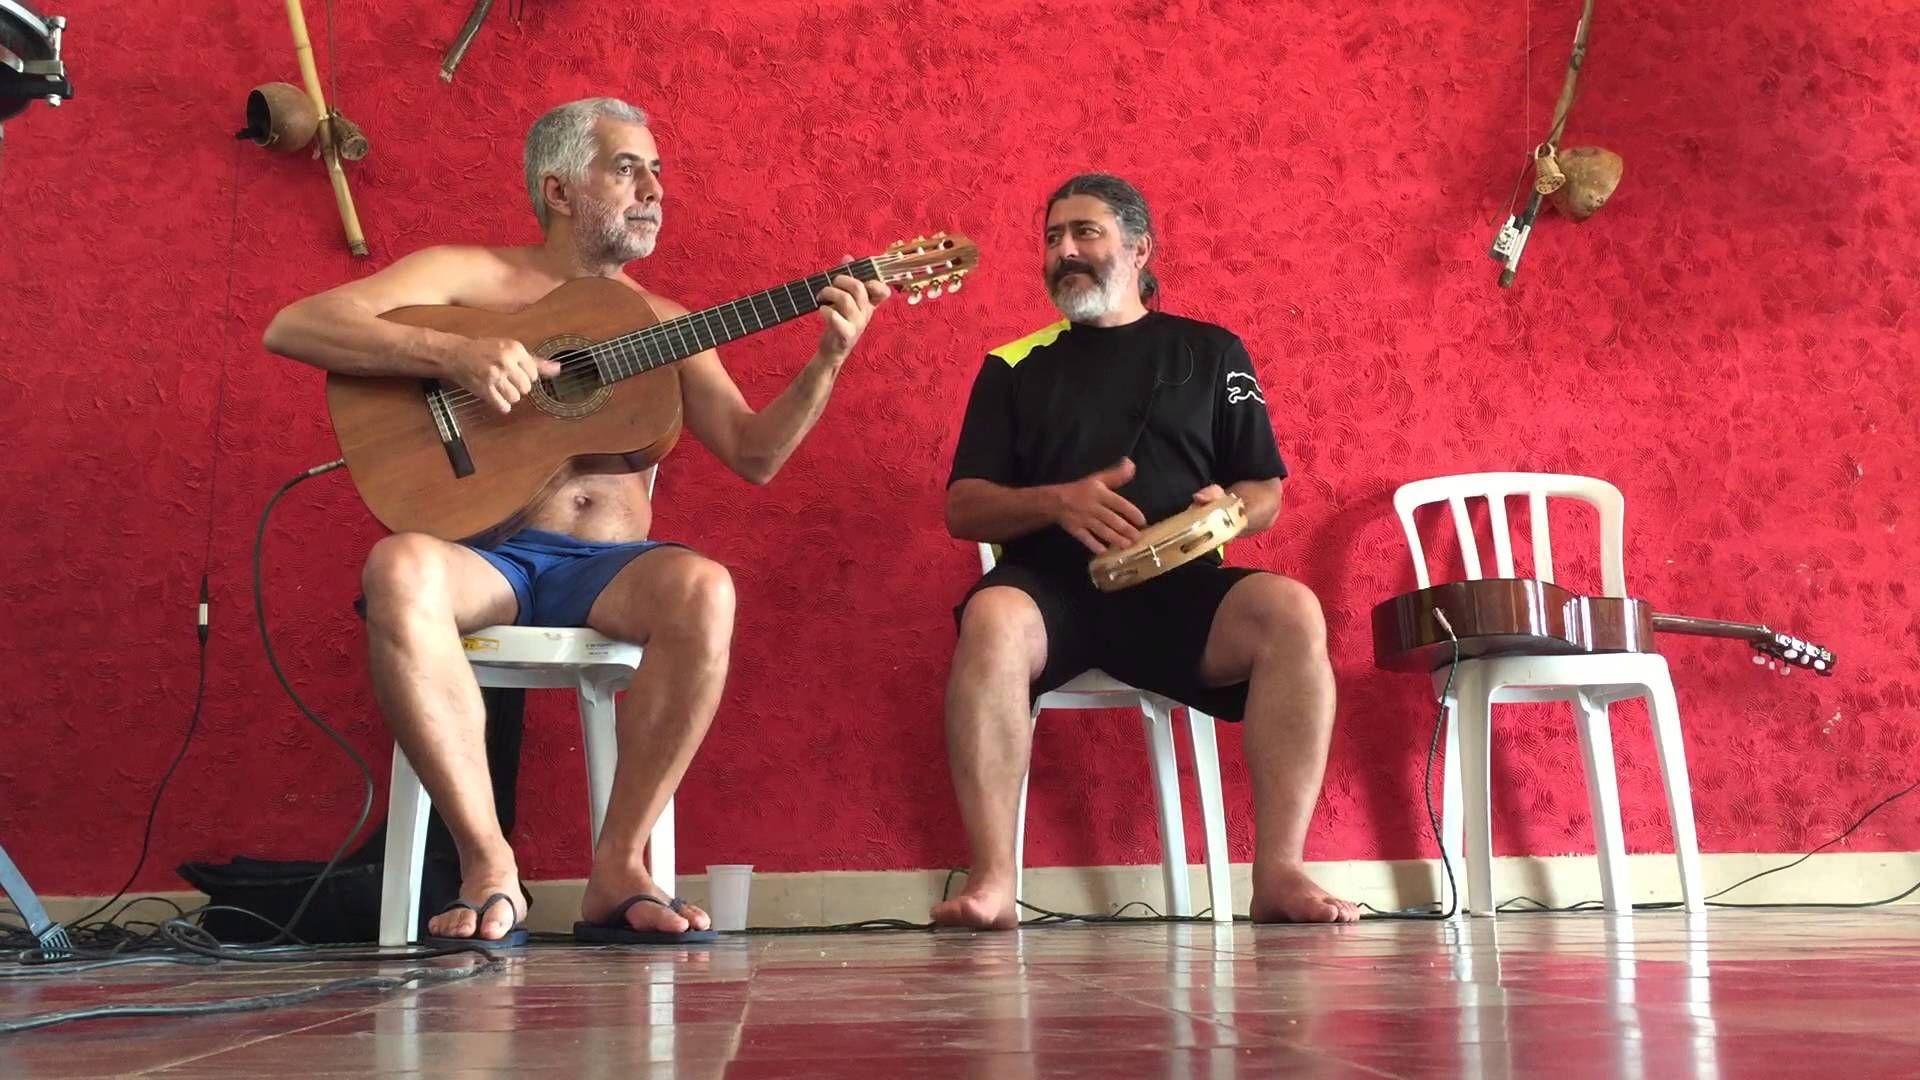 Tiguera: Churrasco Sede. Som Domingos, Estêvão, e João. IMG_8989. 453.4 ...